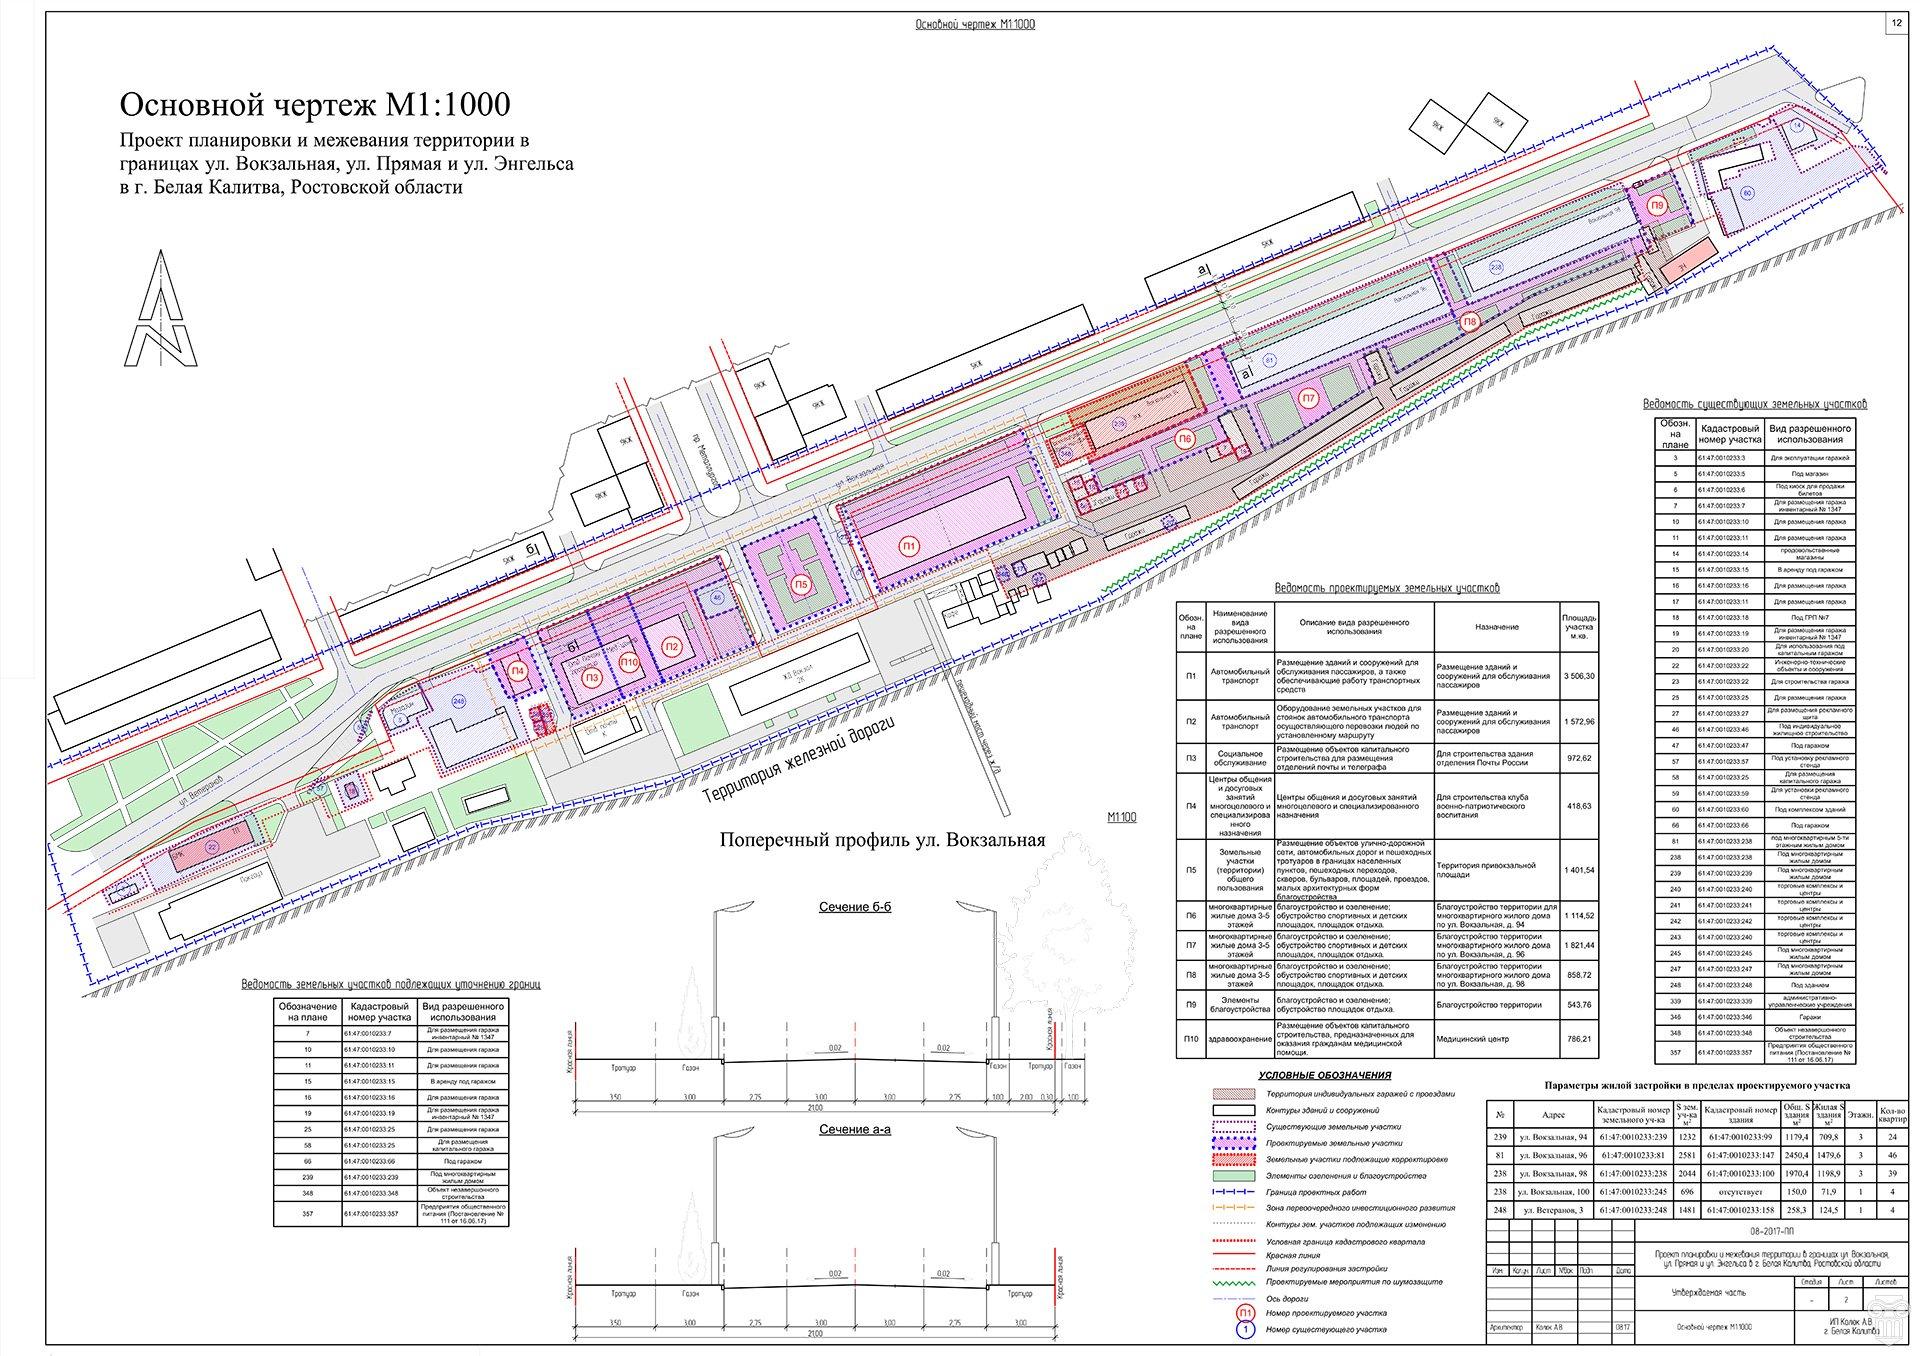 Утвержден проект планировки по реновации в районе академический — комплекс градостроительной политики и строительства города москвы